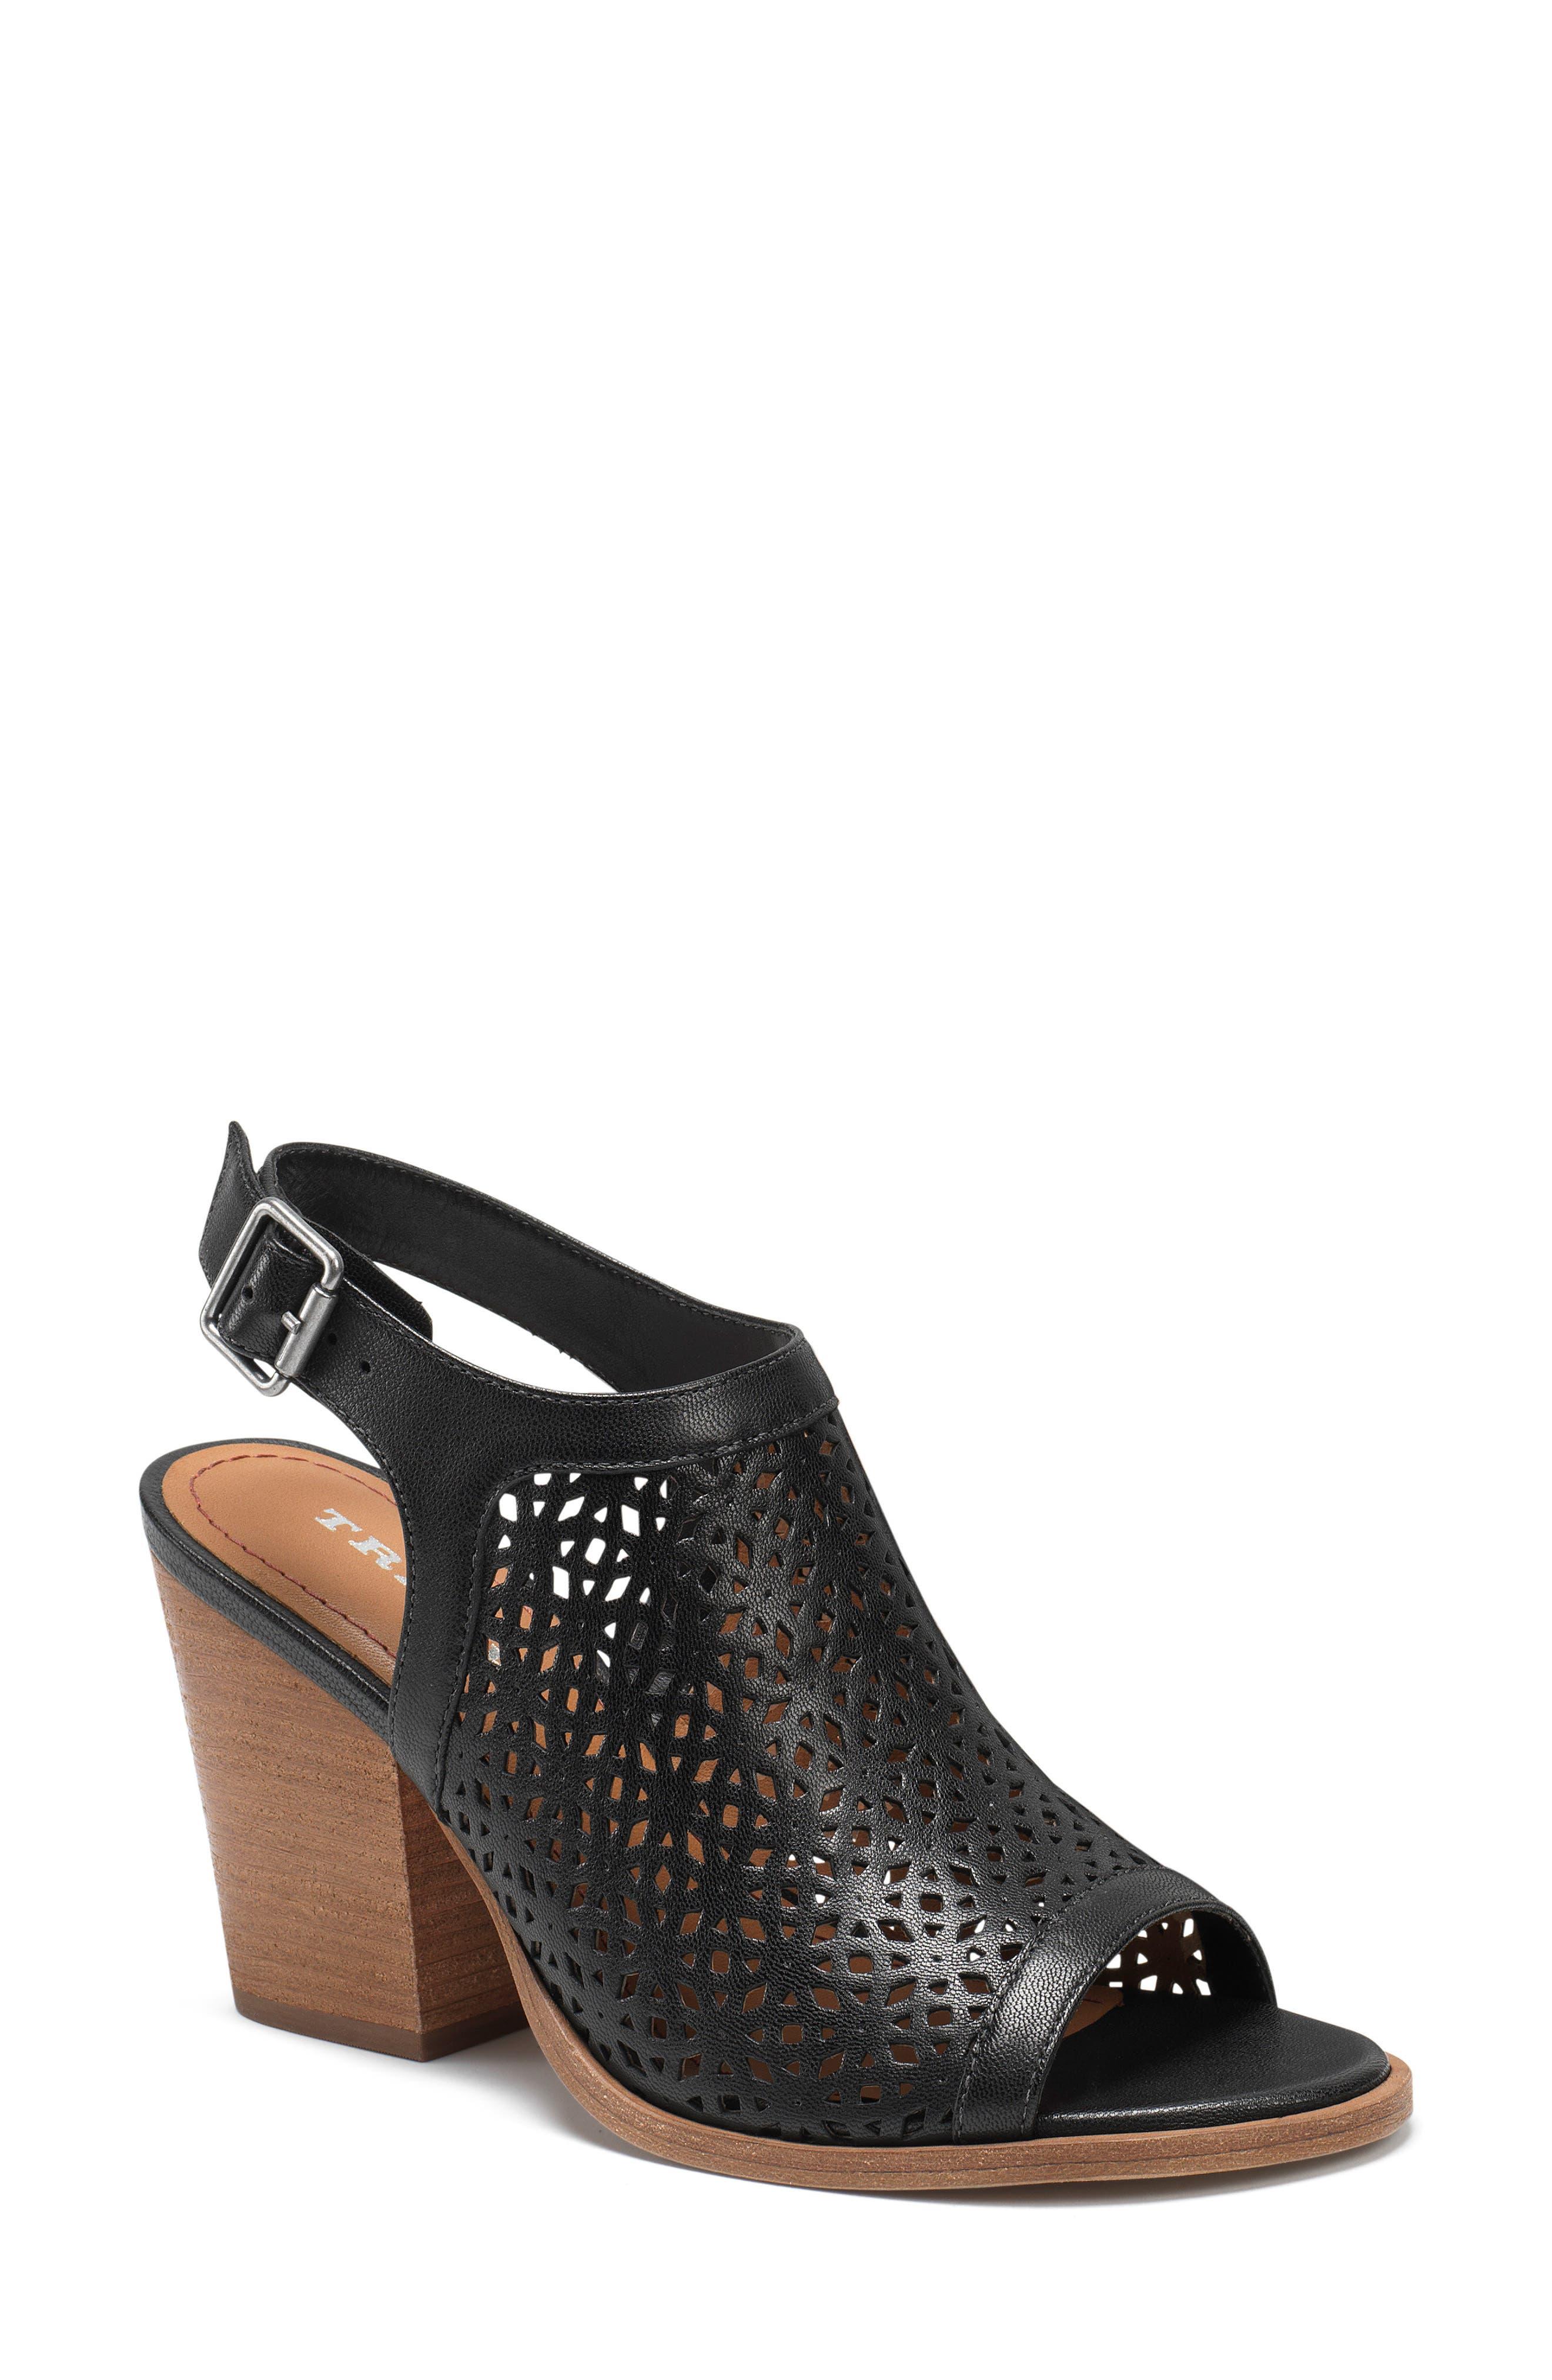 Parker Slingback Sandal,                             Main thumbnail 1, color,                             Black Leather